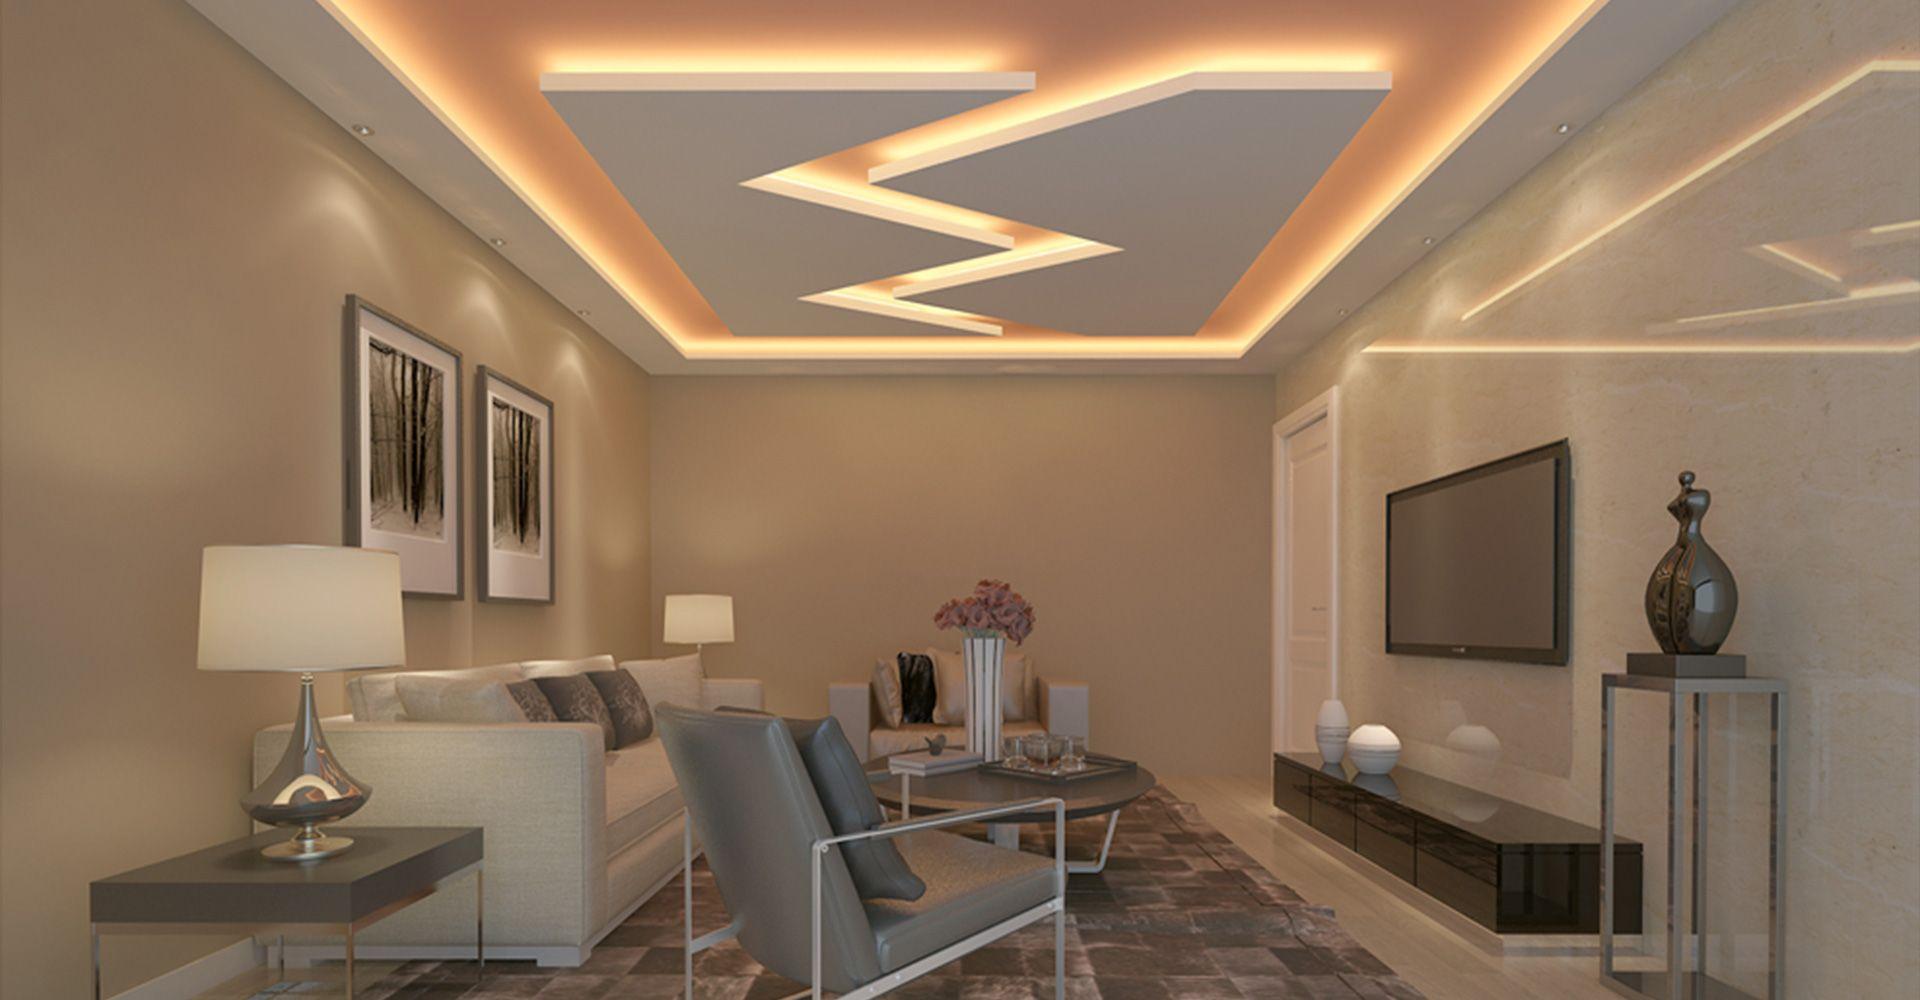 Einfache Decken Design Holz Decke Ideen Dekorative Decke Designs Decke Decke Deckengestaltung Wohnzimmer Wohnzimmerlampe Decke Deckengestaltung Schlafzimmer